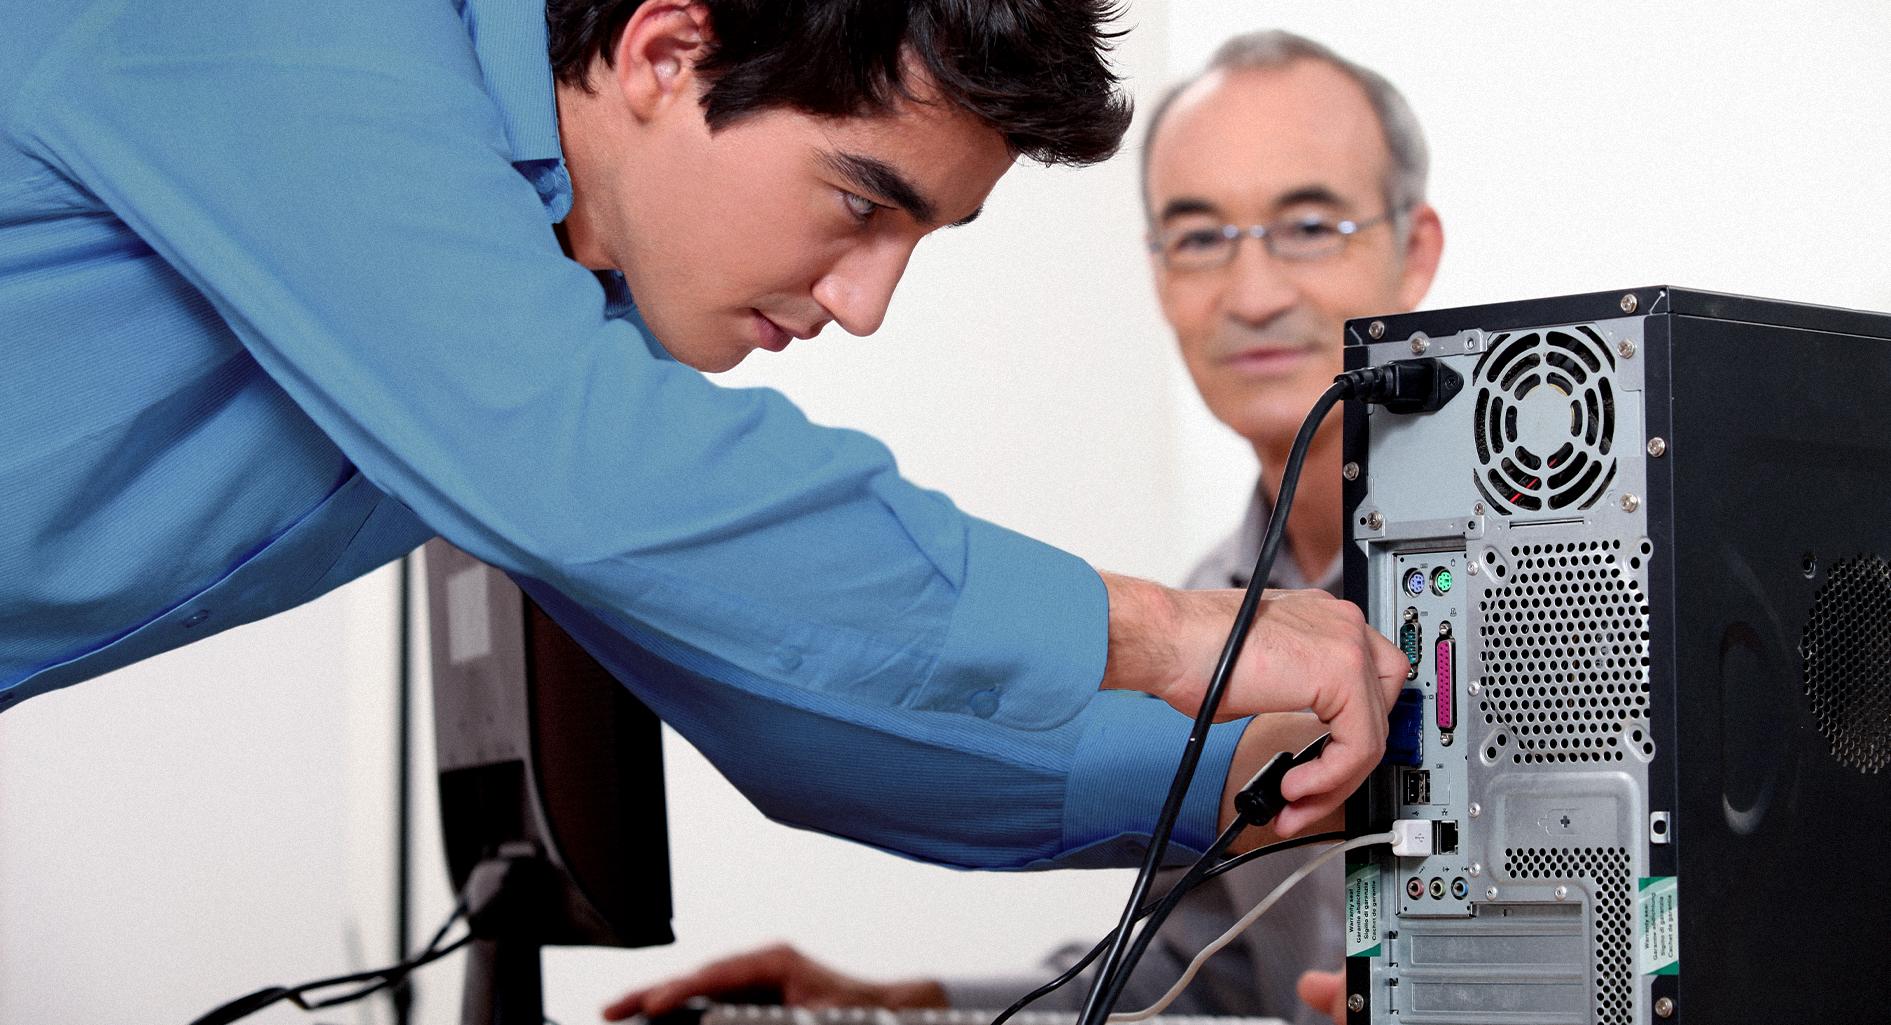 صورة خريج هندسة حاسوب يعثر أخيراً على عمل بتصليح كمبيوتر عمِّه